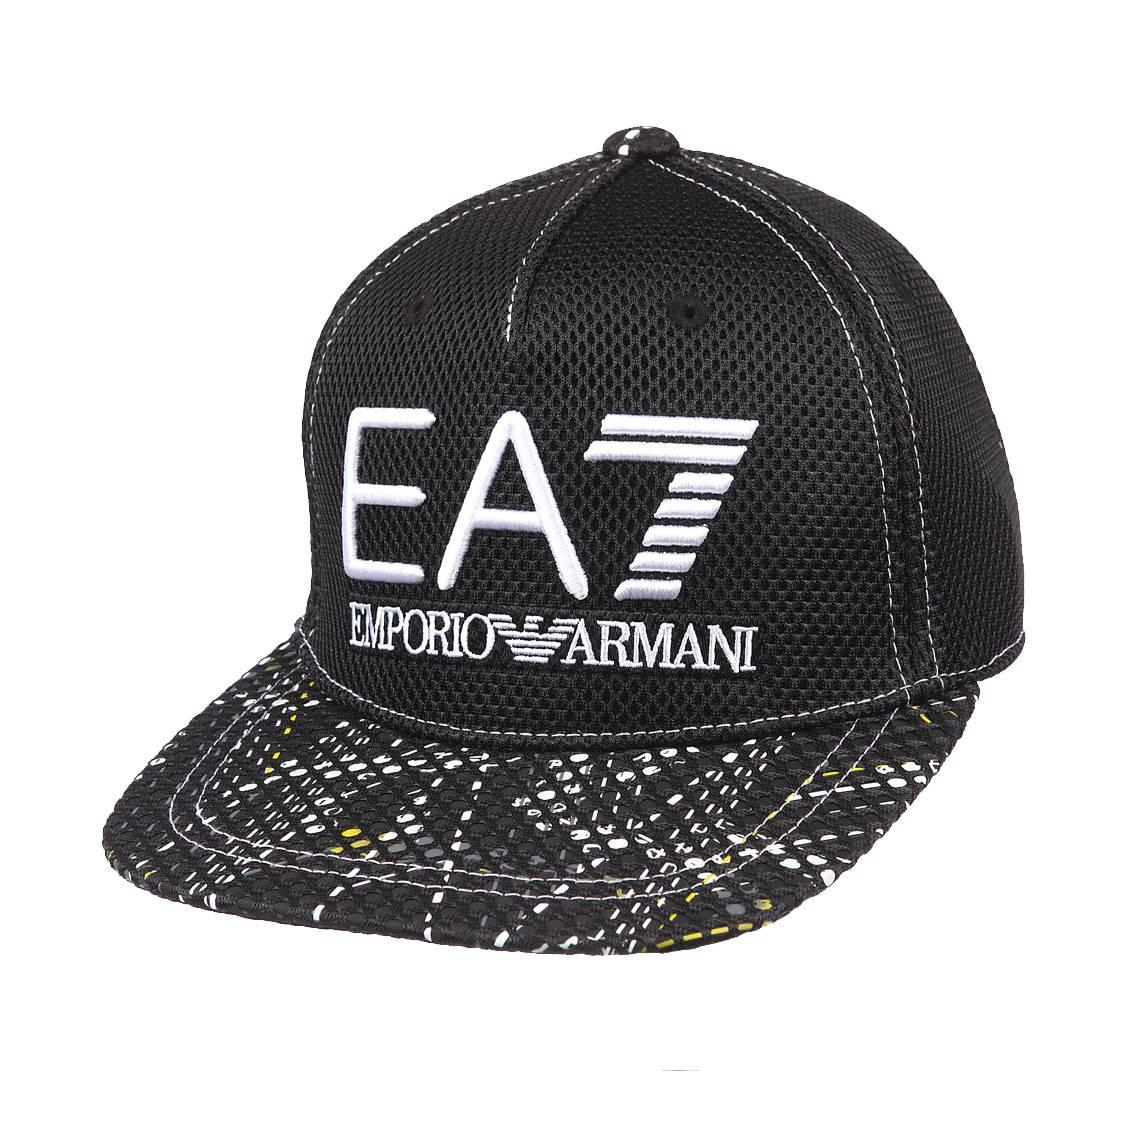 Ea7 - accessoires de mode